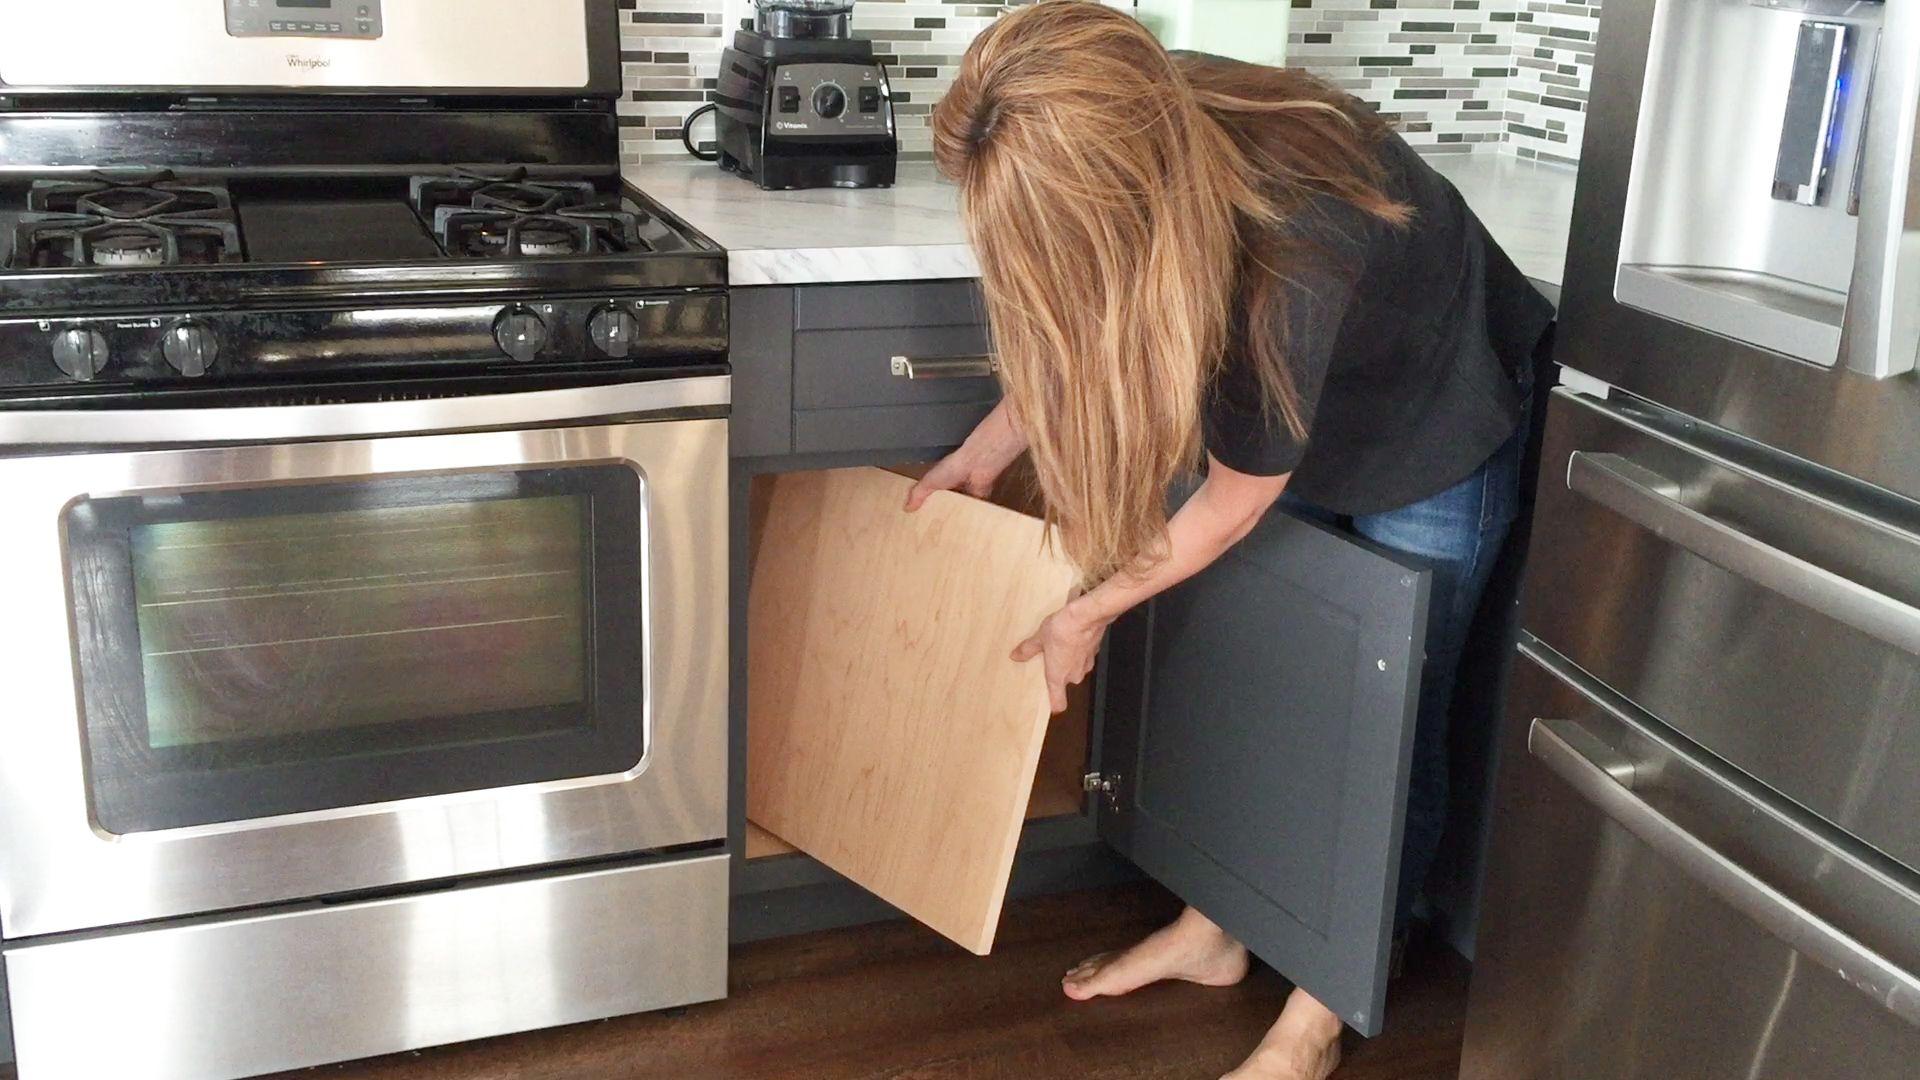 Convert A Cabinet Shelf Into A Pull Out Drawer Kitchen Cabinet Storage Kitchen Storage Organization Diy Diy Kitchen Storage